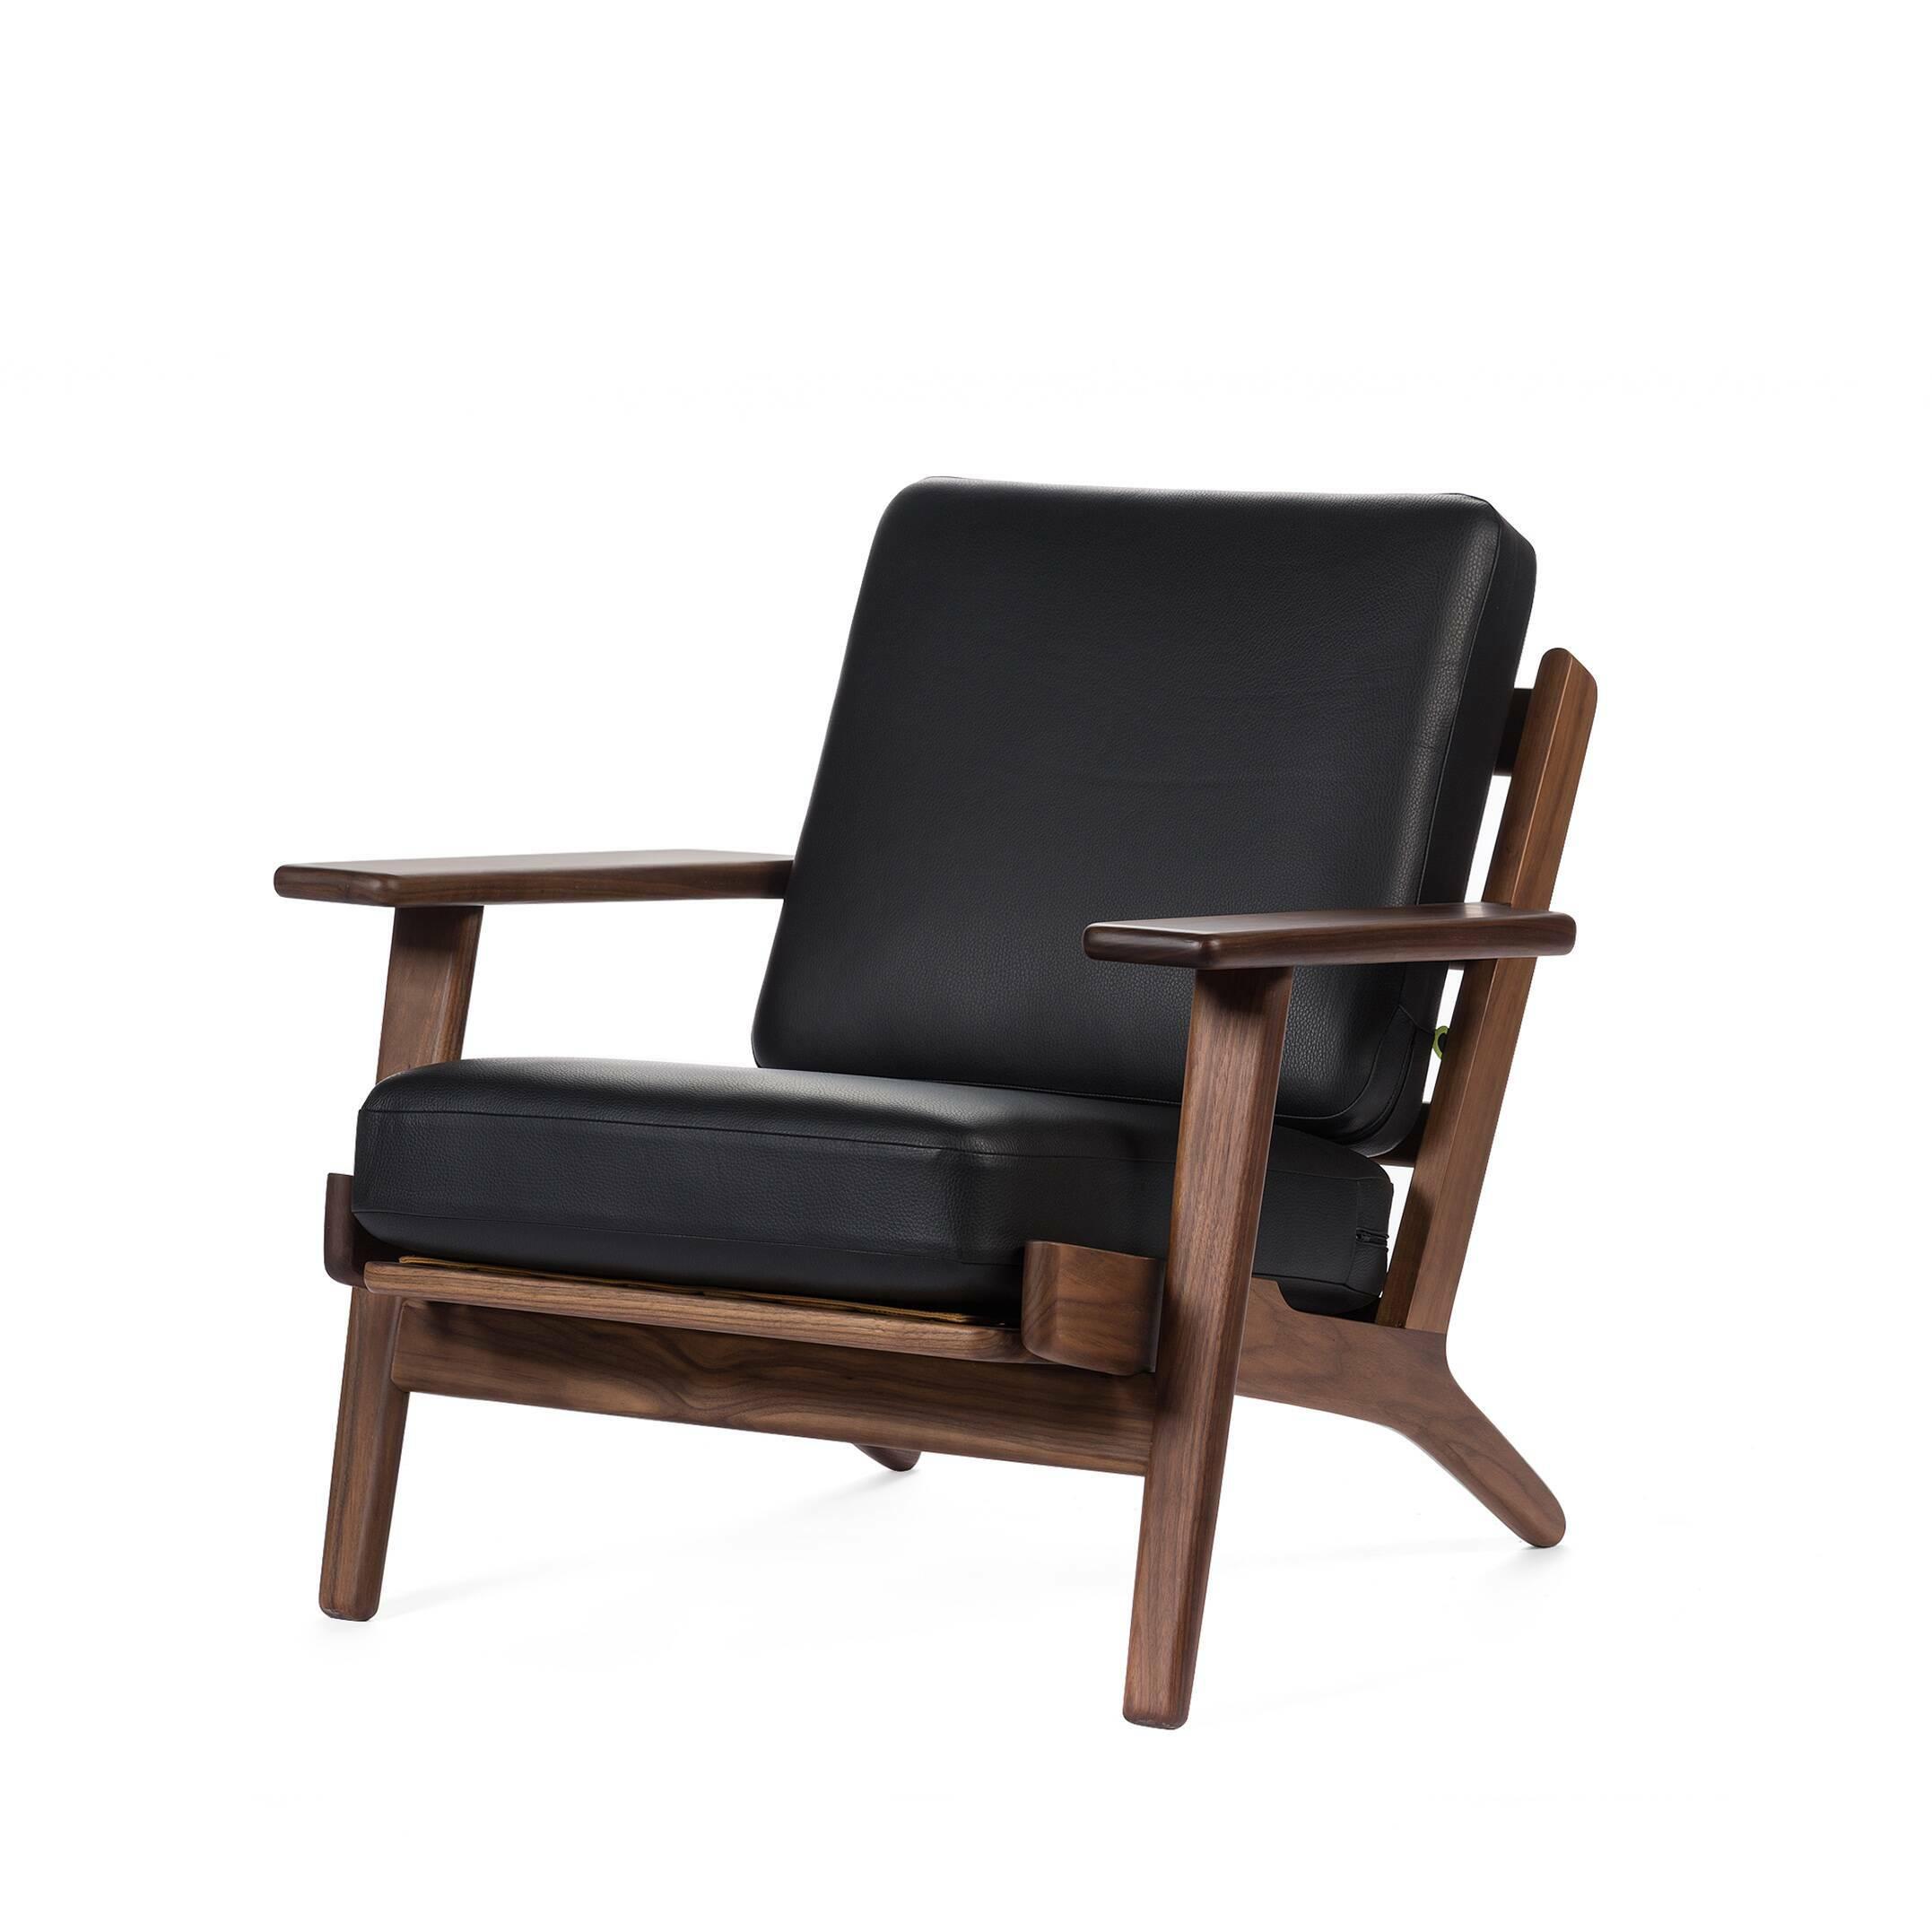 Кресло PlankИнтерьерные<br>Дизайнерское мягкое глубокое кресло Plank (Плэнк) с деревянным каркасом от Cosmo (Космо).<br><br><br><br> Кресло Plank Ханса Вегнера — это классическое мягкое кресло: красивое, удобное и универсальное. В течение многих десятилетий имя Ханса Вегнера было синонимом понятия «органическая функциональность» — продукт школы модерна, которая ставит функциональность изделий выше всего остального. Кресло Plank, в свою очередь, способствовало широкому распространению влияния датского дизайна в середине прошл...<br><br>stock: 0<br>Высота: 73,5<br>Высота сиденья: 41,5<br>Ширина: 75<br>Глубина: 84<br>Материал каркаса: Массив ореха<br>Тип материала каркаса: Дерево<br>Коллекция ткани: Harry Leather<br>Тип материала обивки: Кожа<br>Цвет обивки: Черный<br>Цвет каркаса: Орех американский